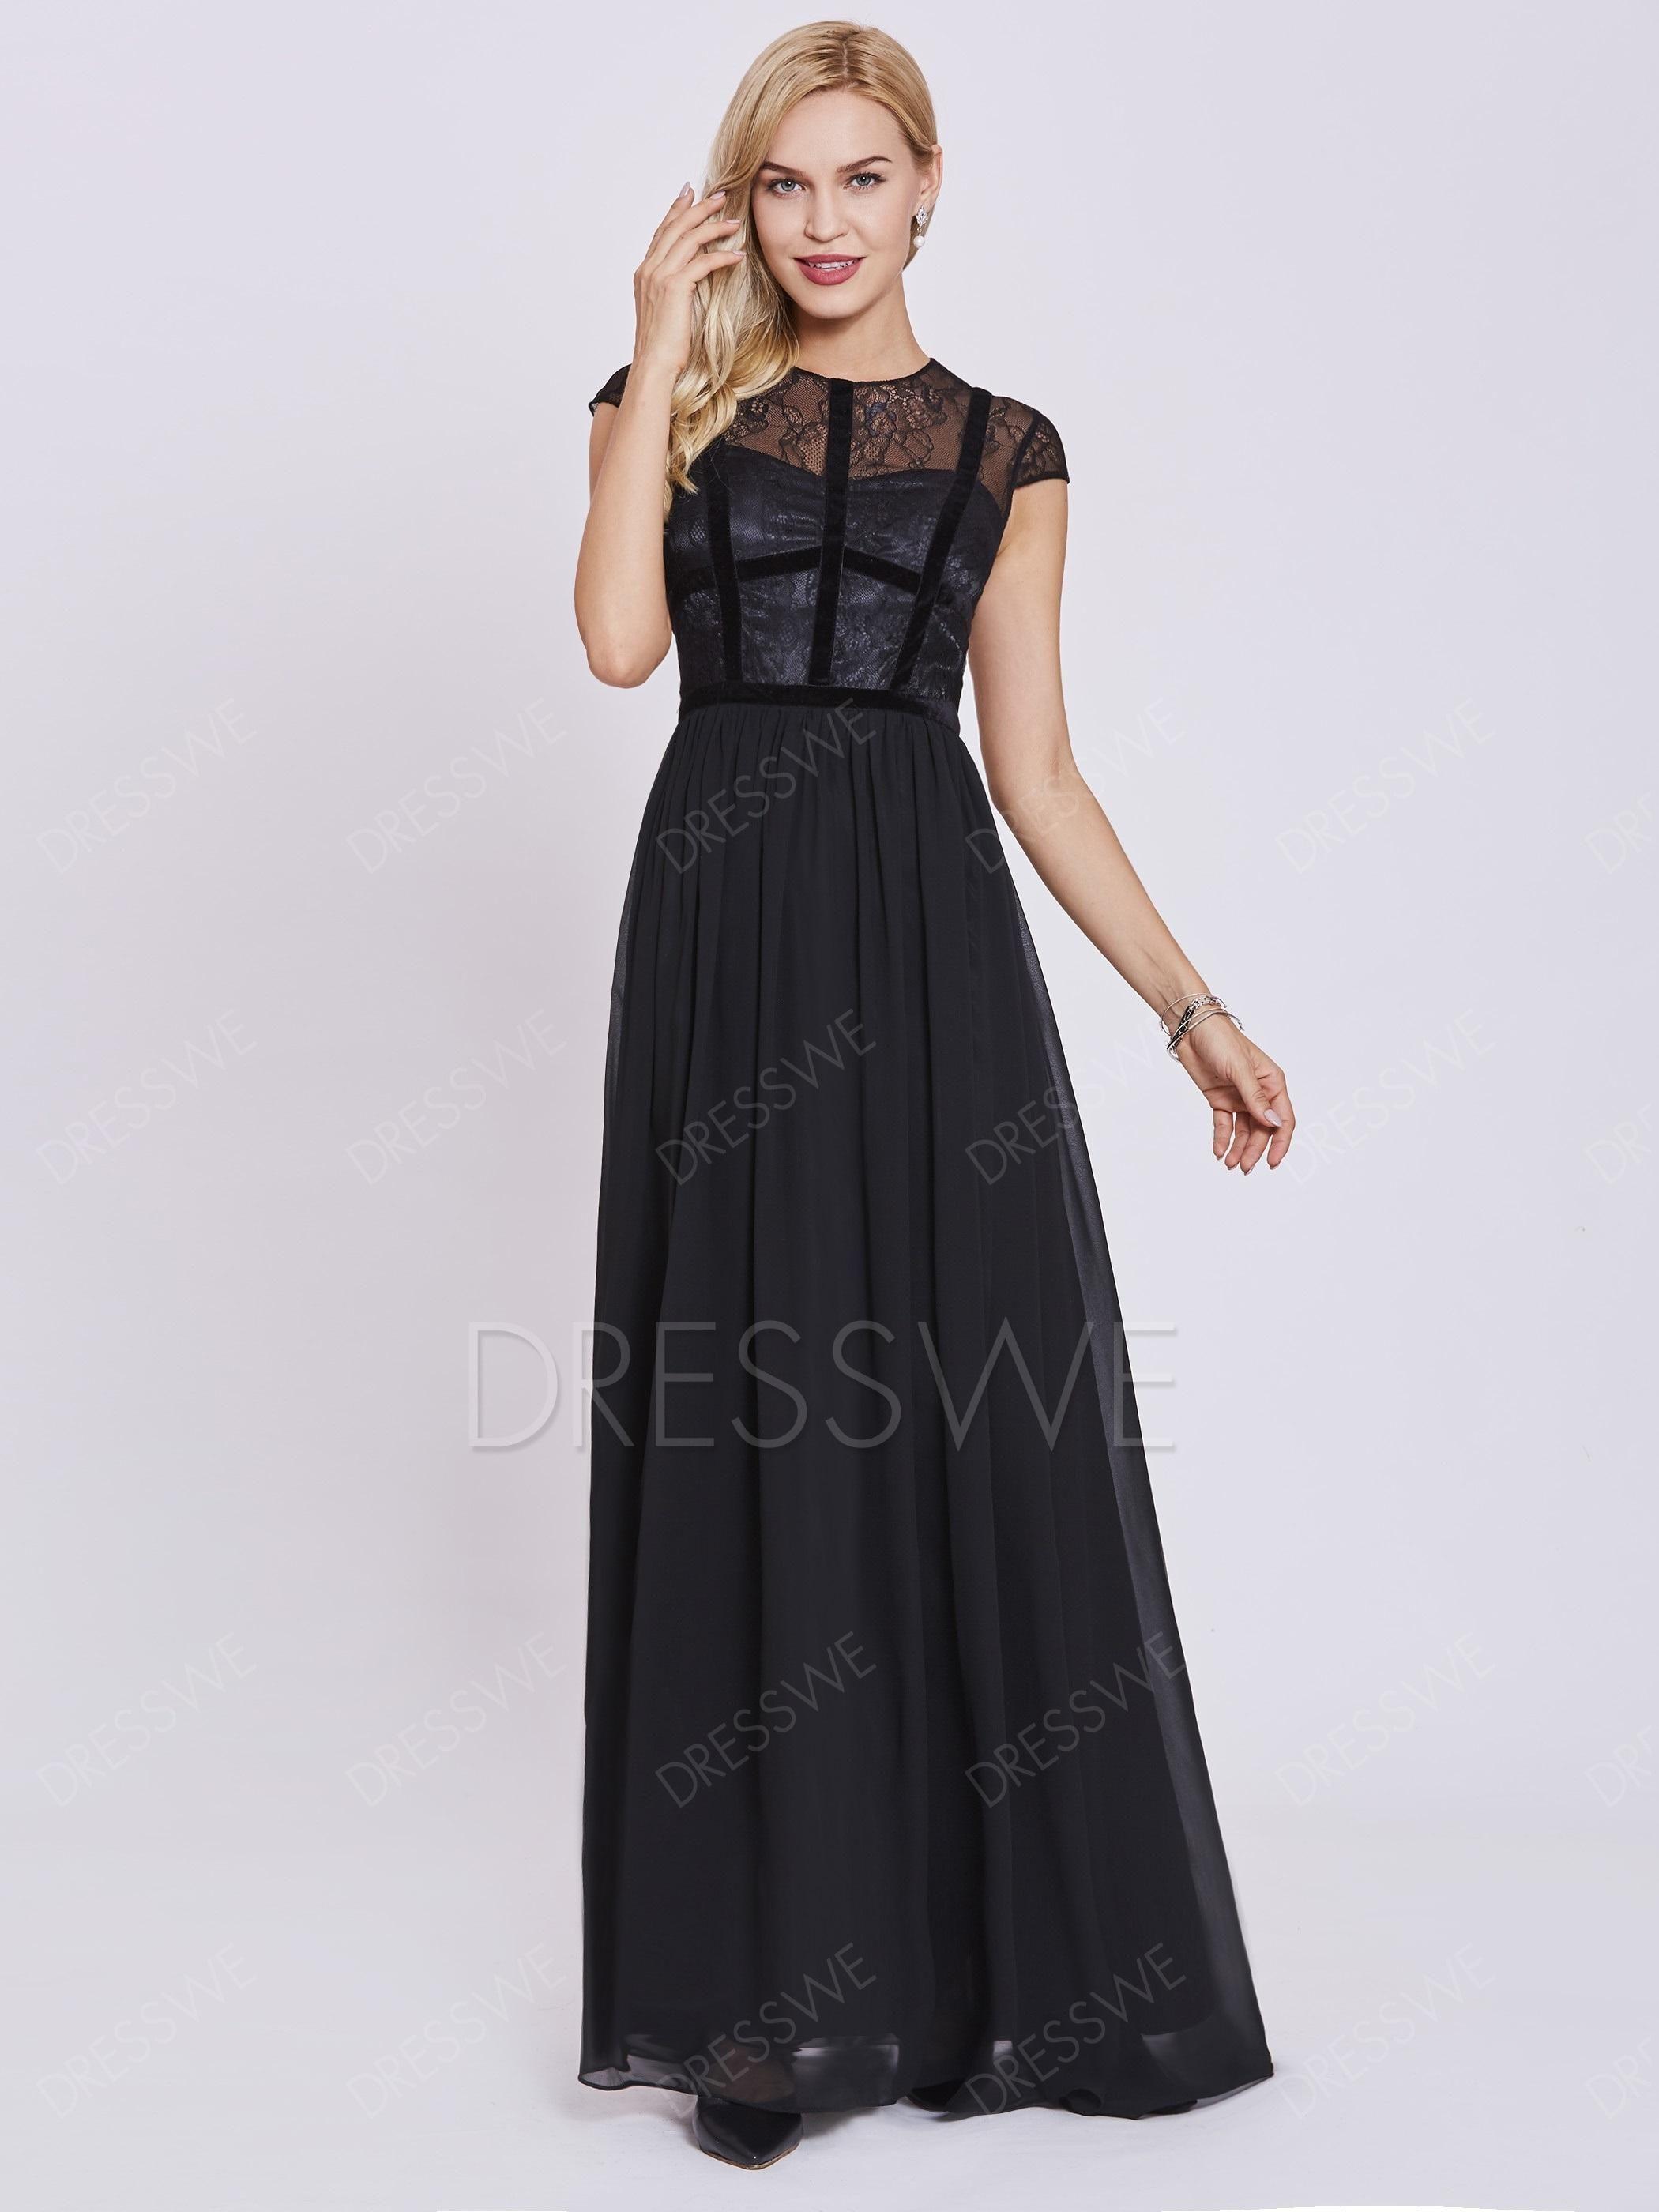 Dresswe dresswe scoop neck zipperup a line evening dress